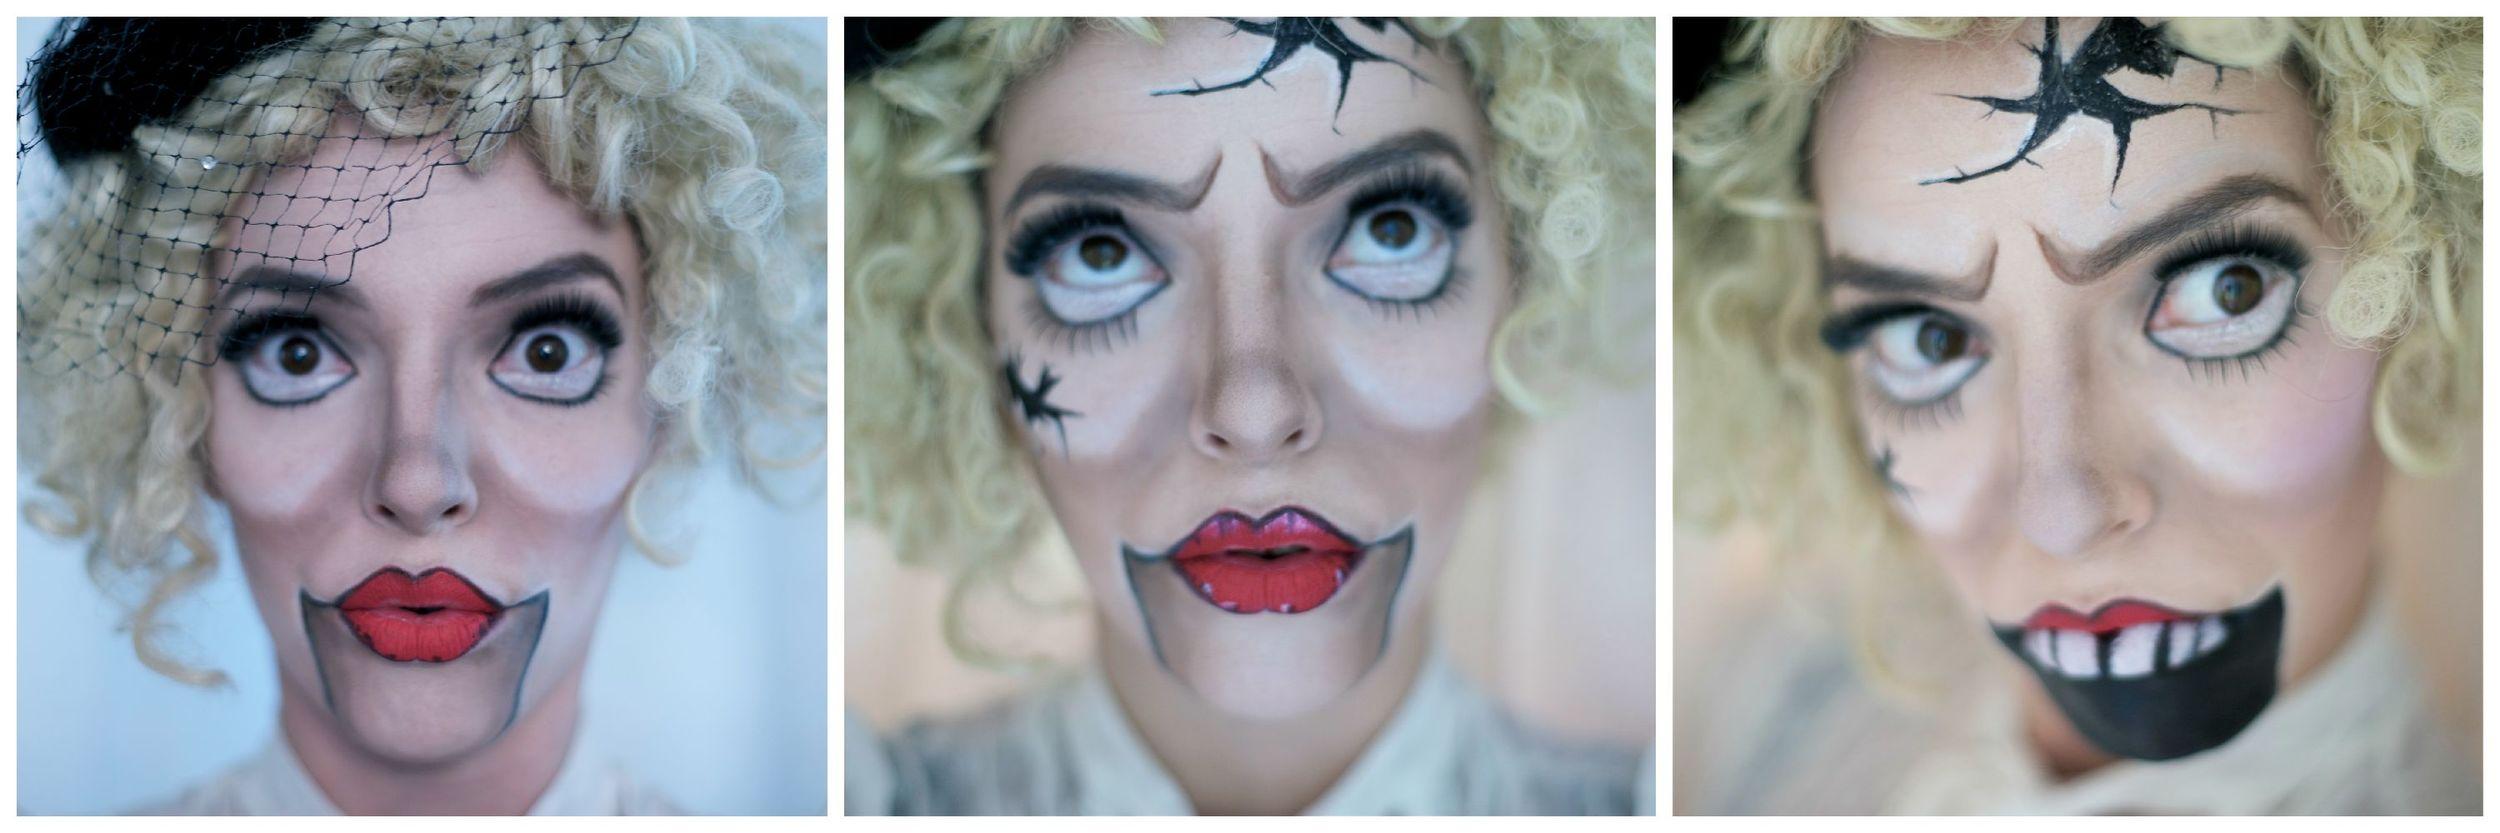 halloween-makeup-1920s-puppet.jpg